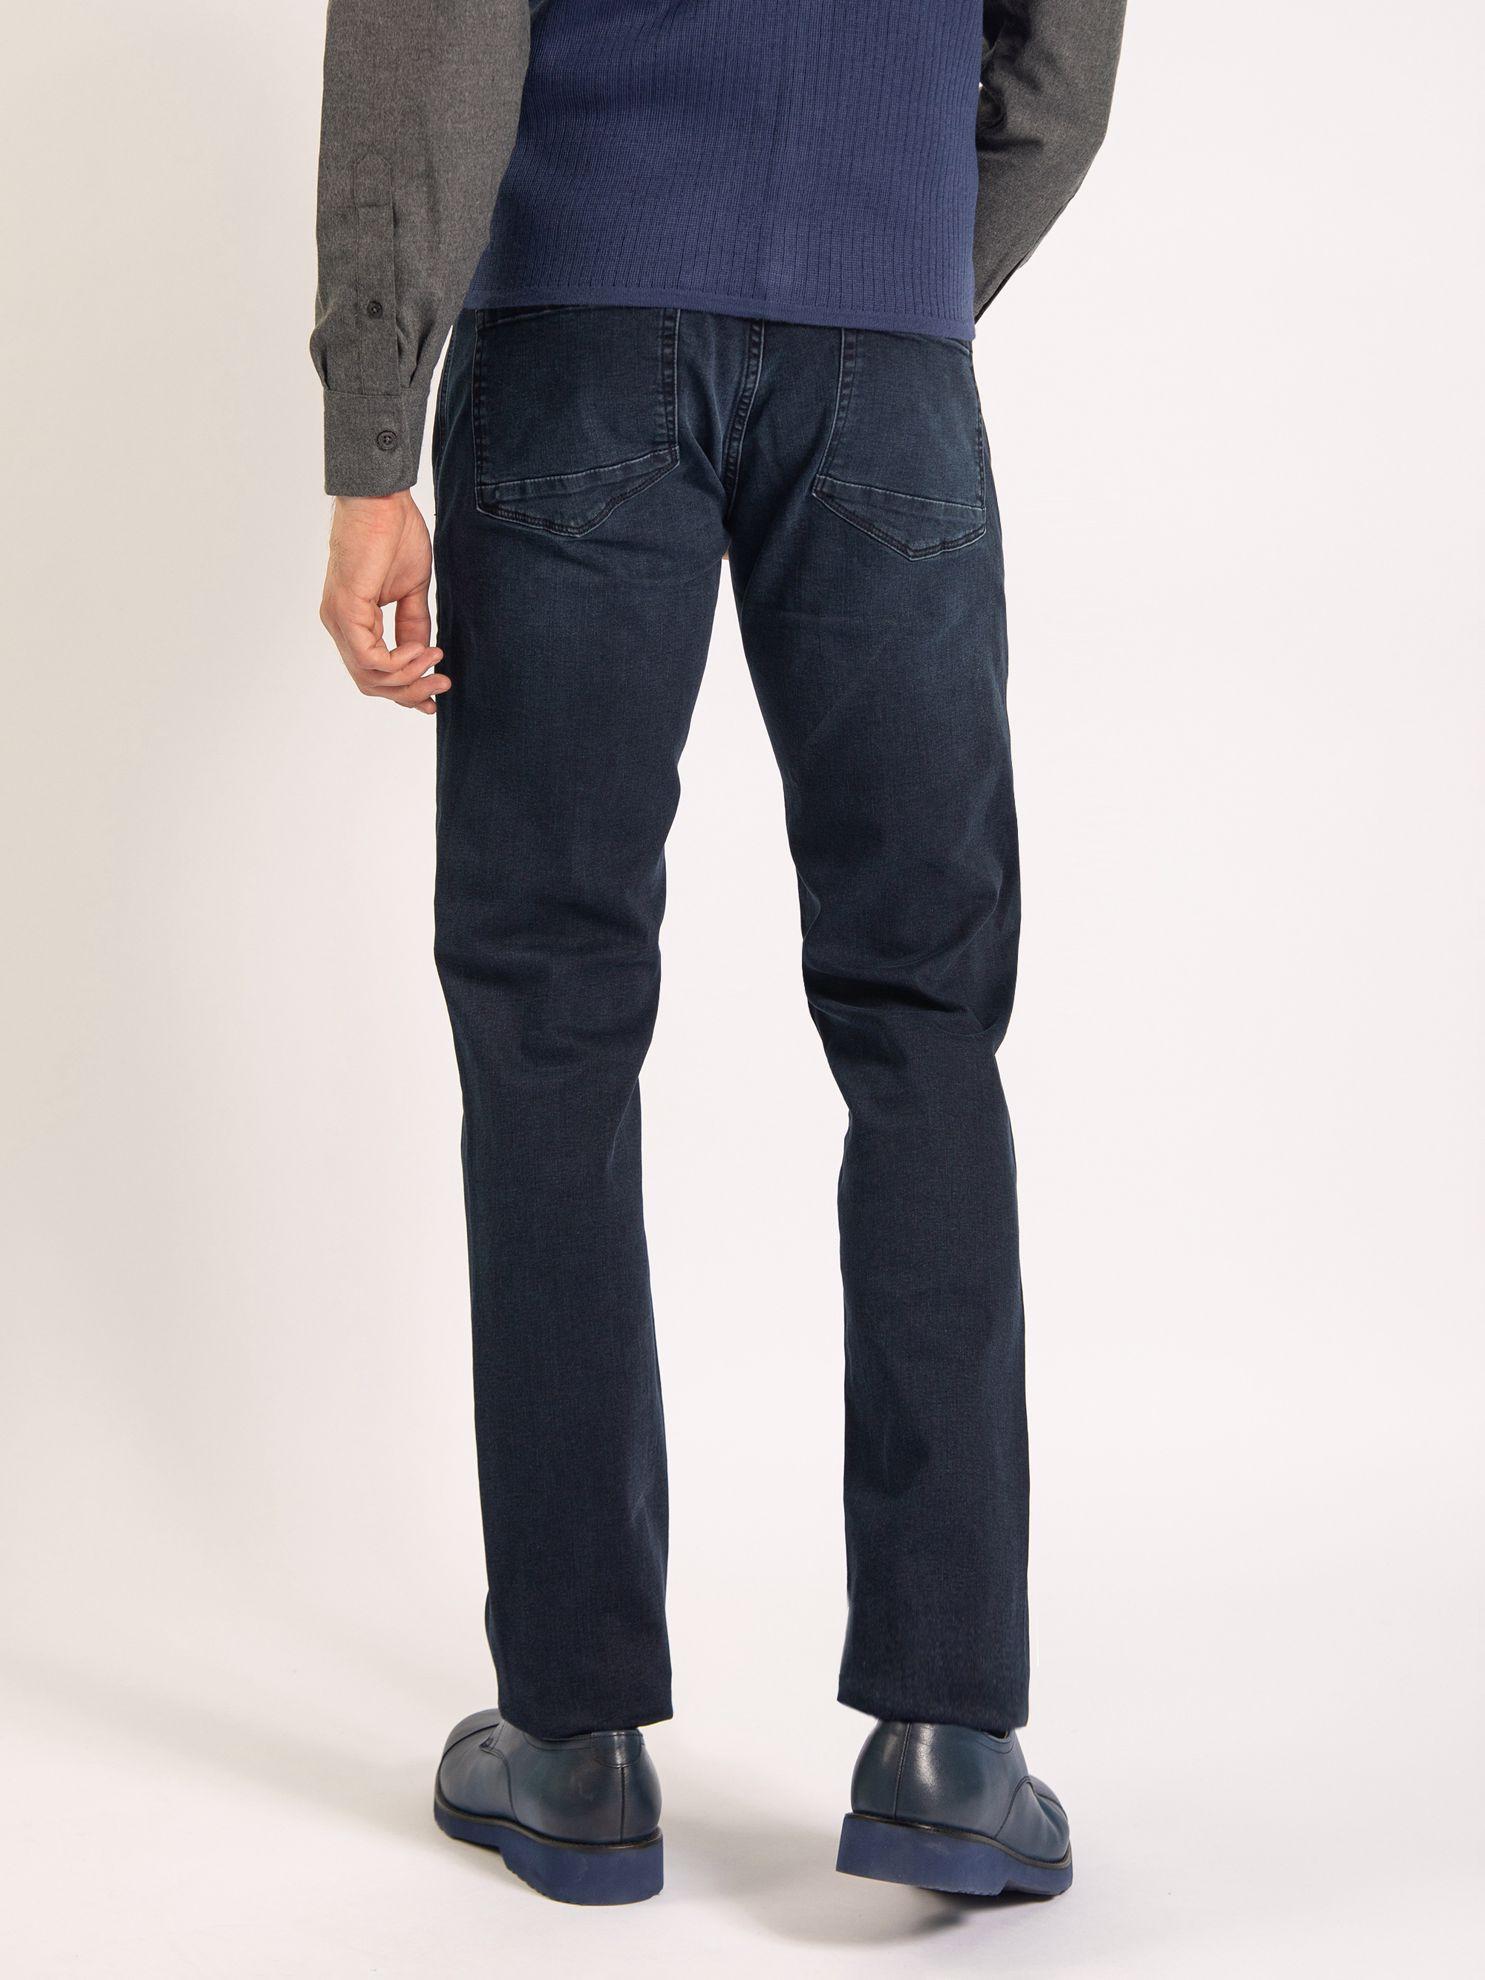 Karaca Erkek Jean-Lacivert. ürün görseli